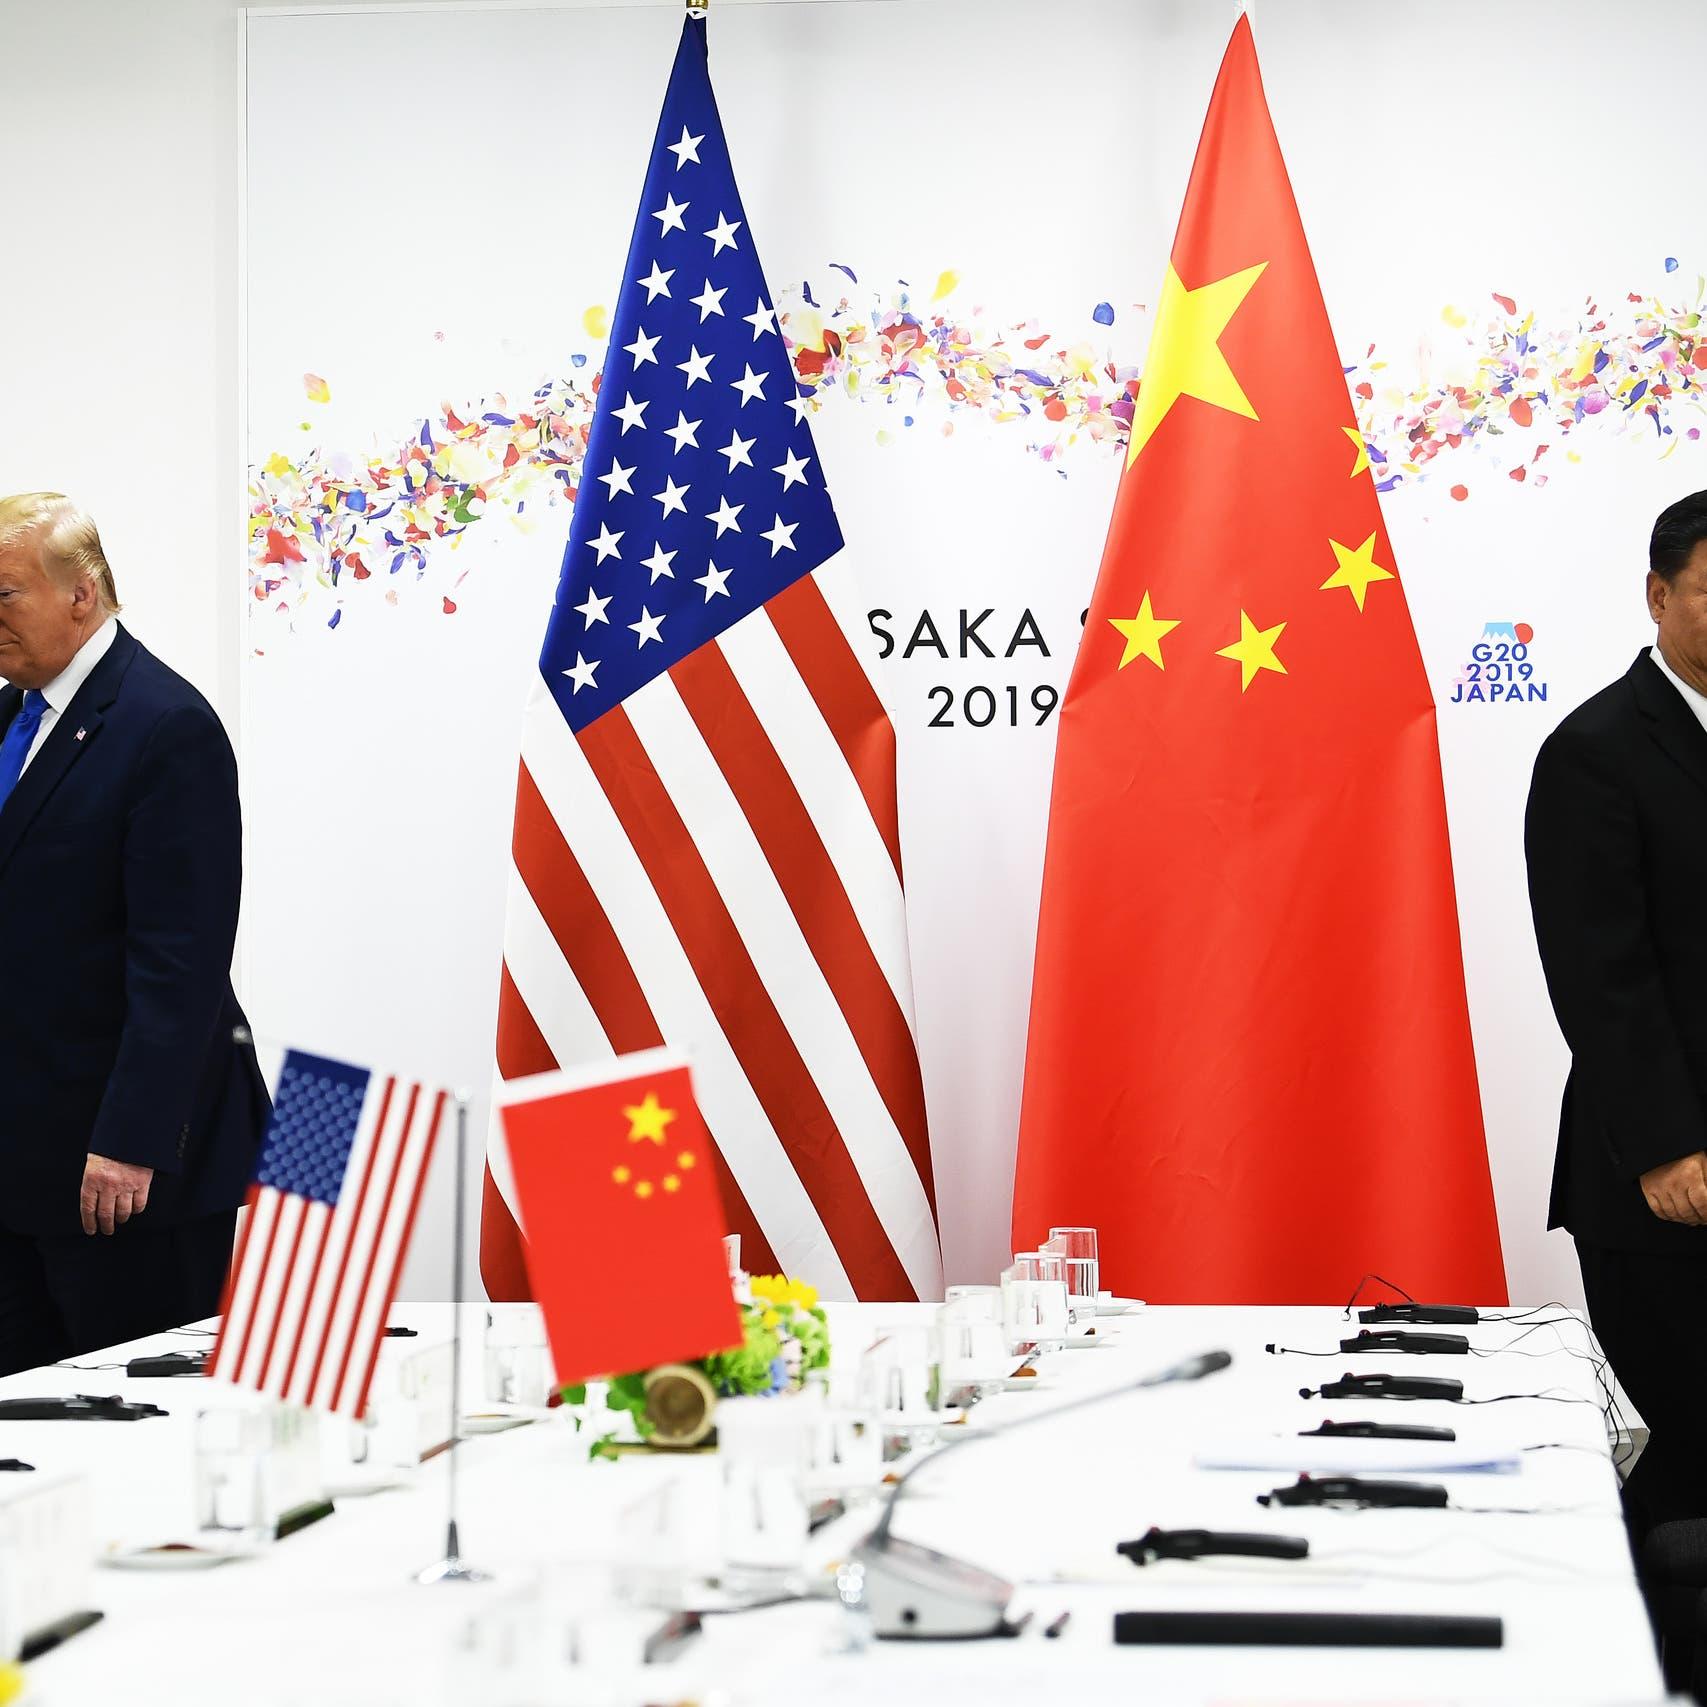 الصين لأميركا: نرفض الابتزاز ولن نتنازل